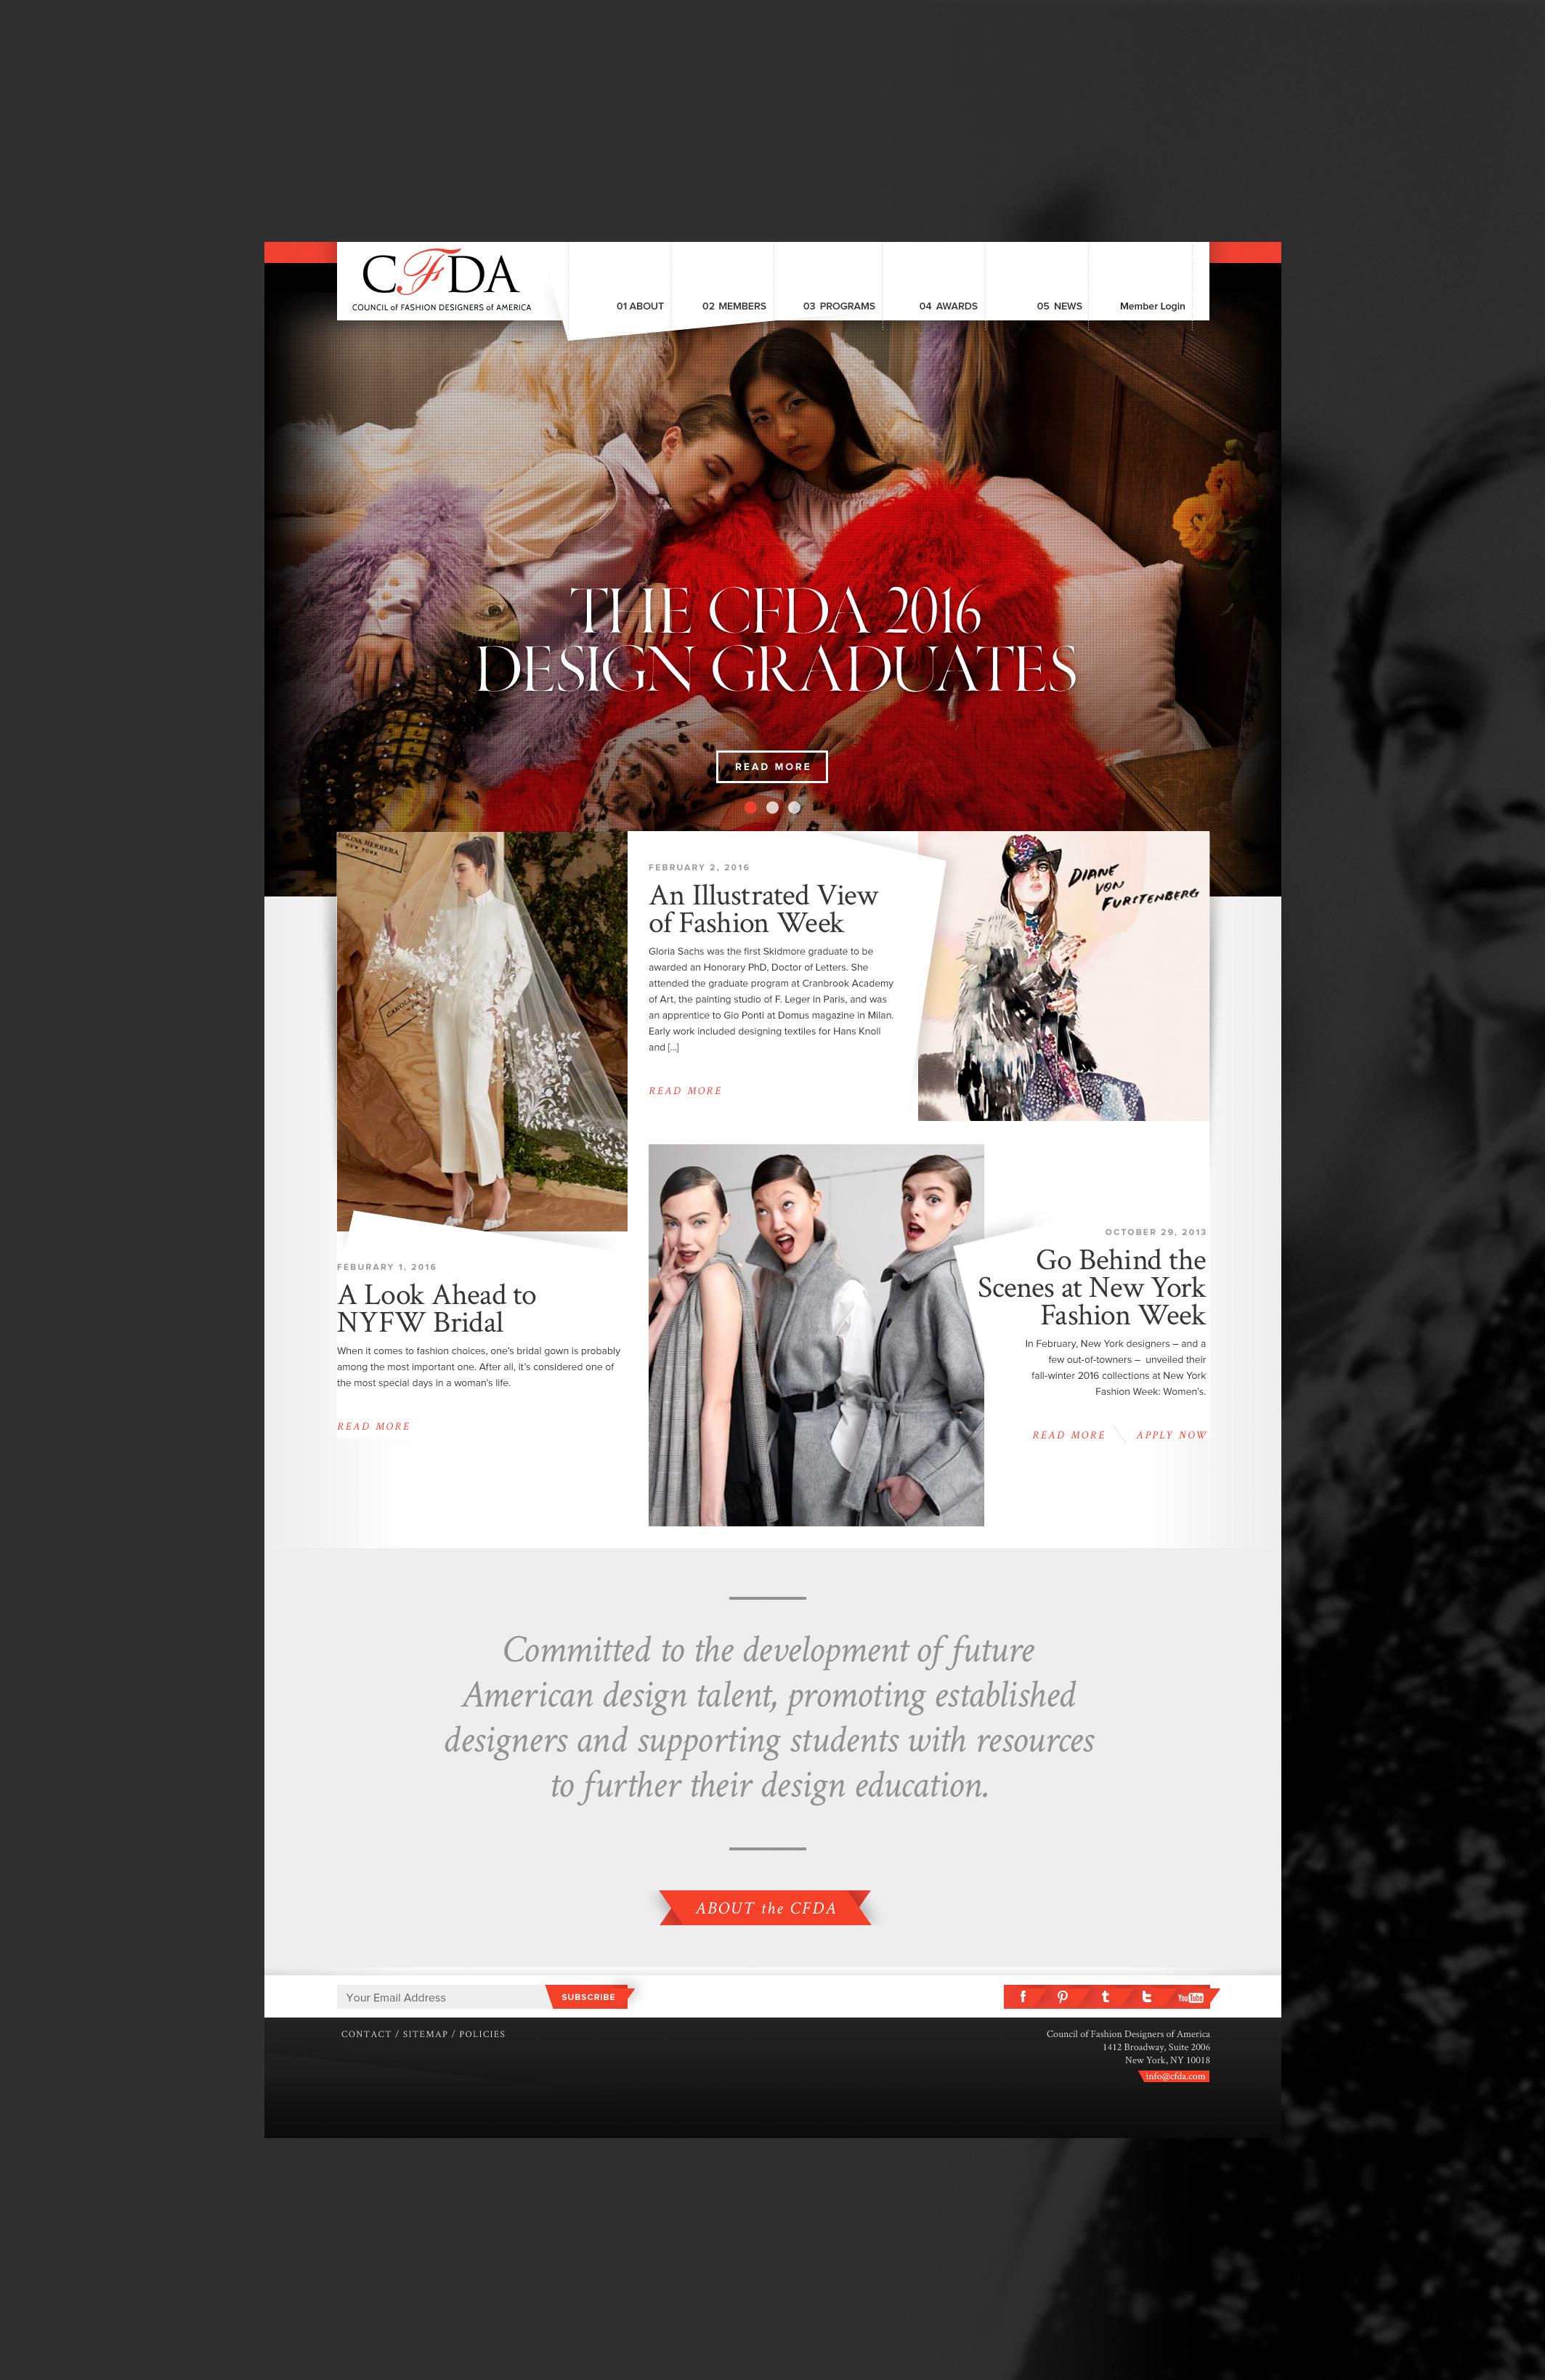 CFDA Website Home